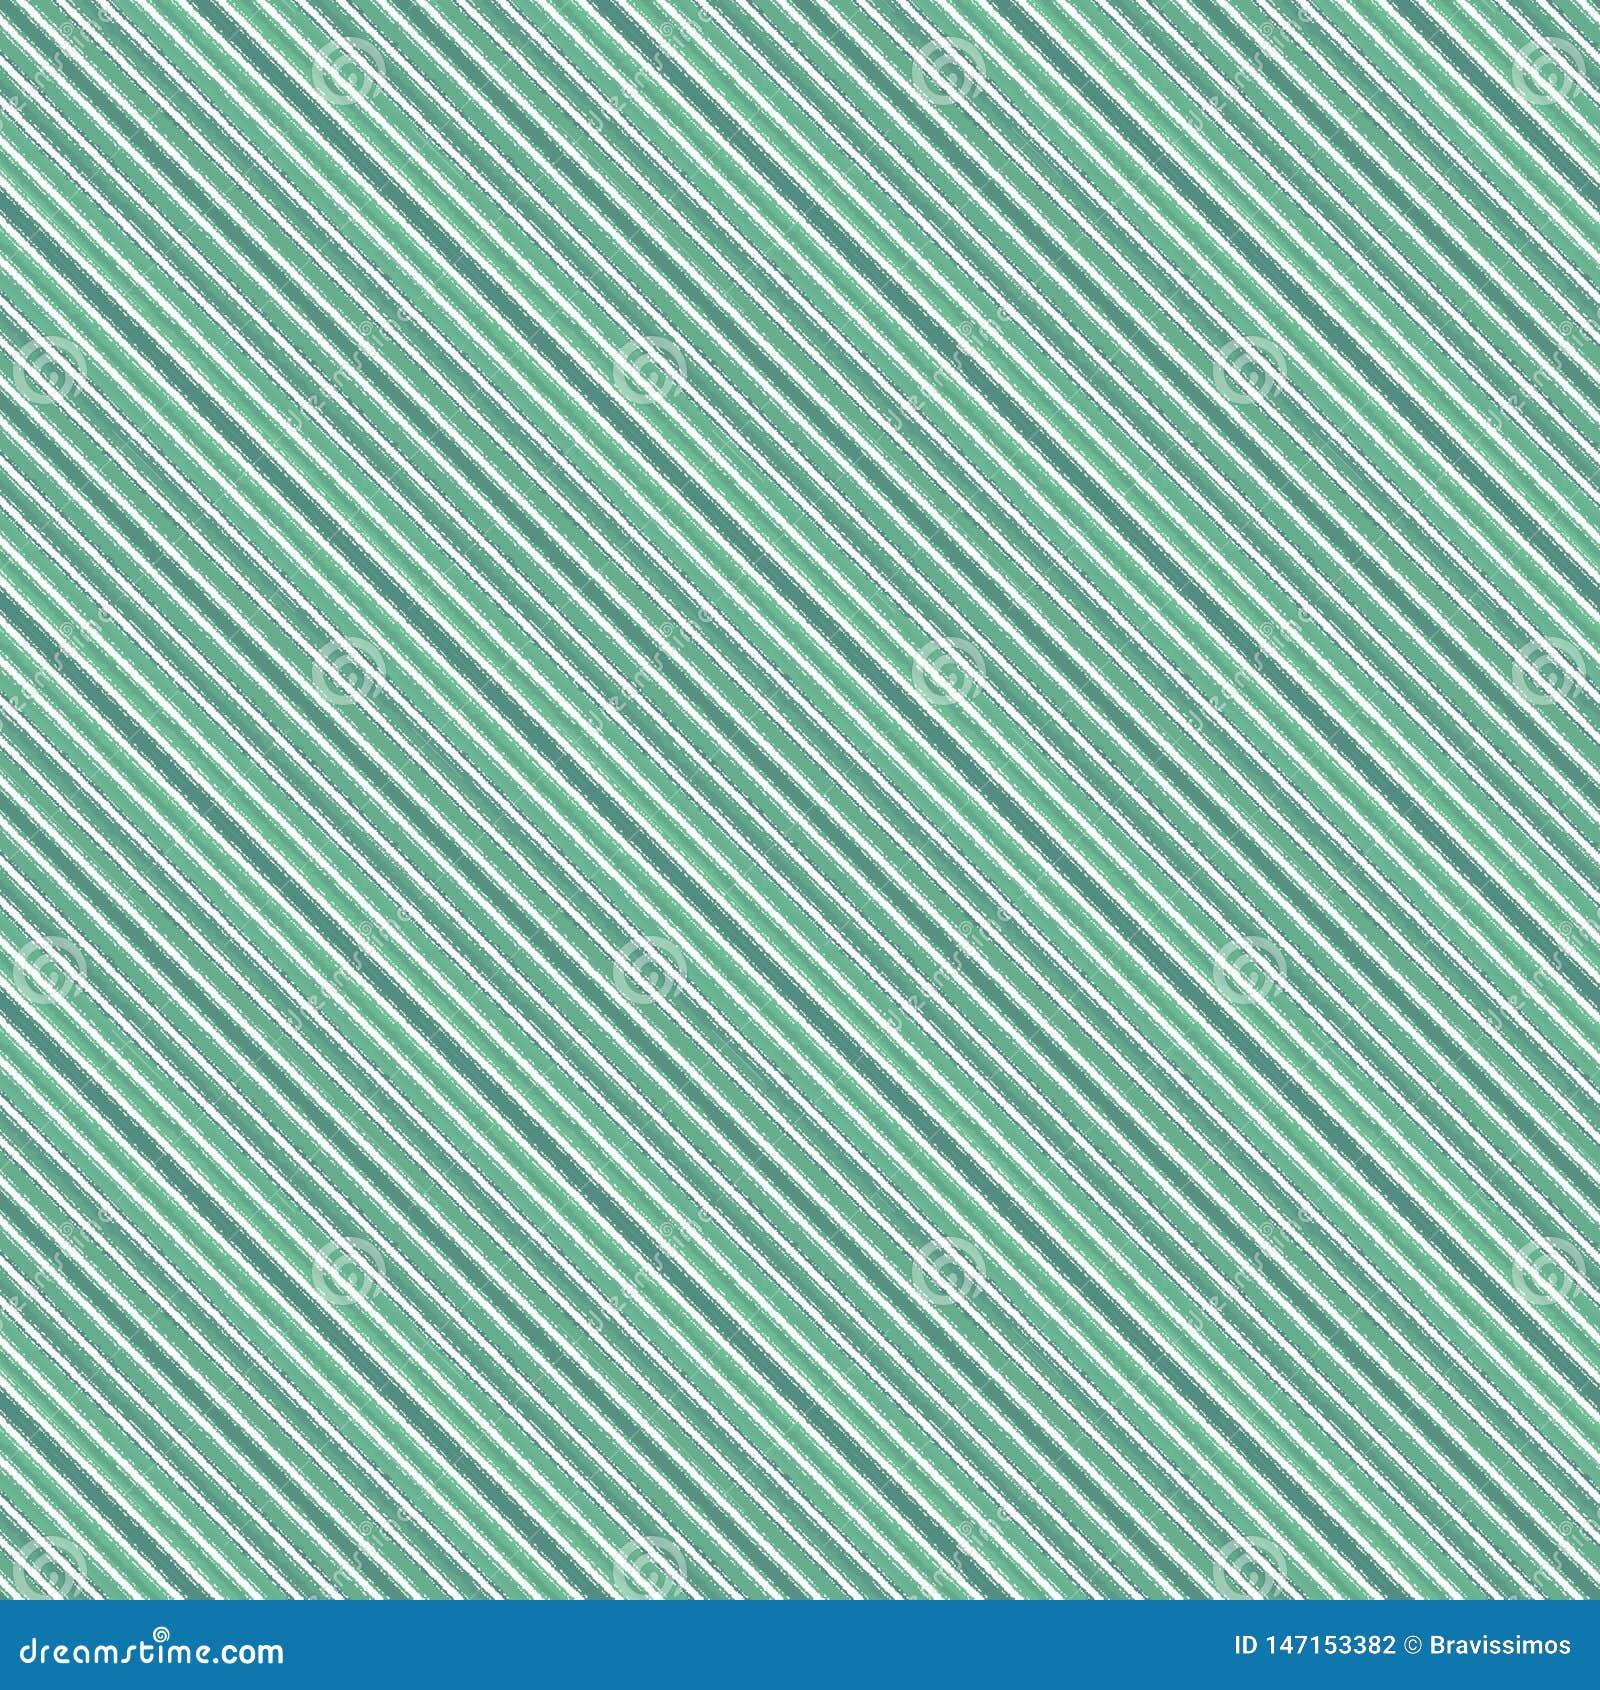 Linea diagonale modello senza cuciture, grafico della banda del contesto